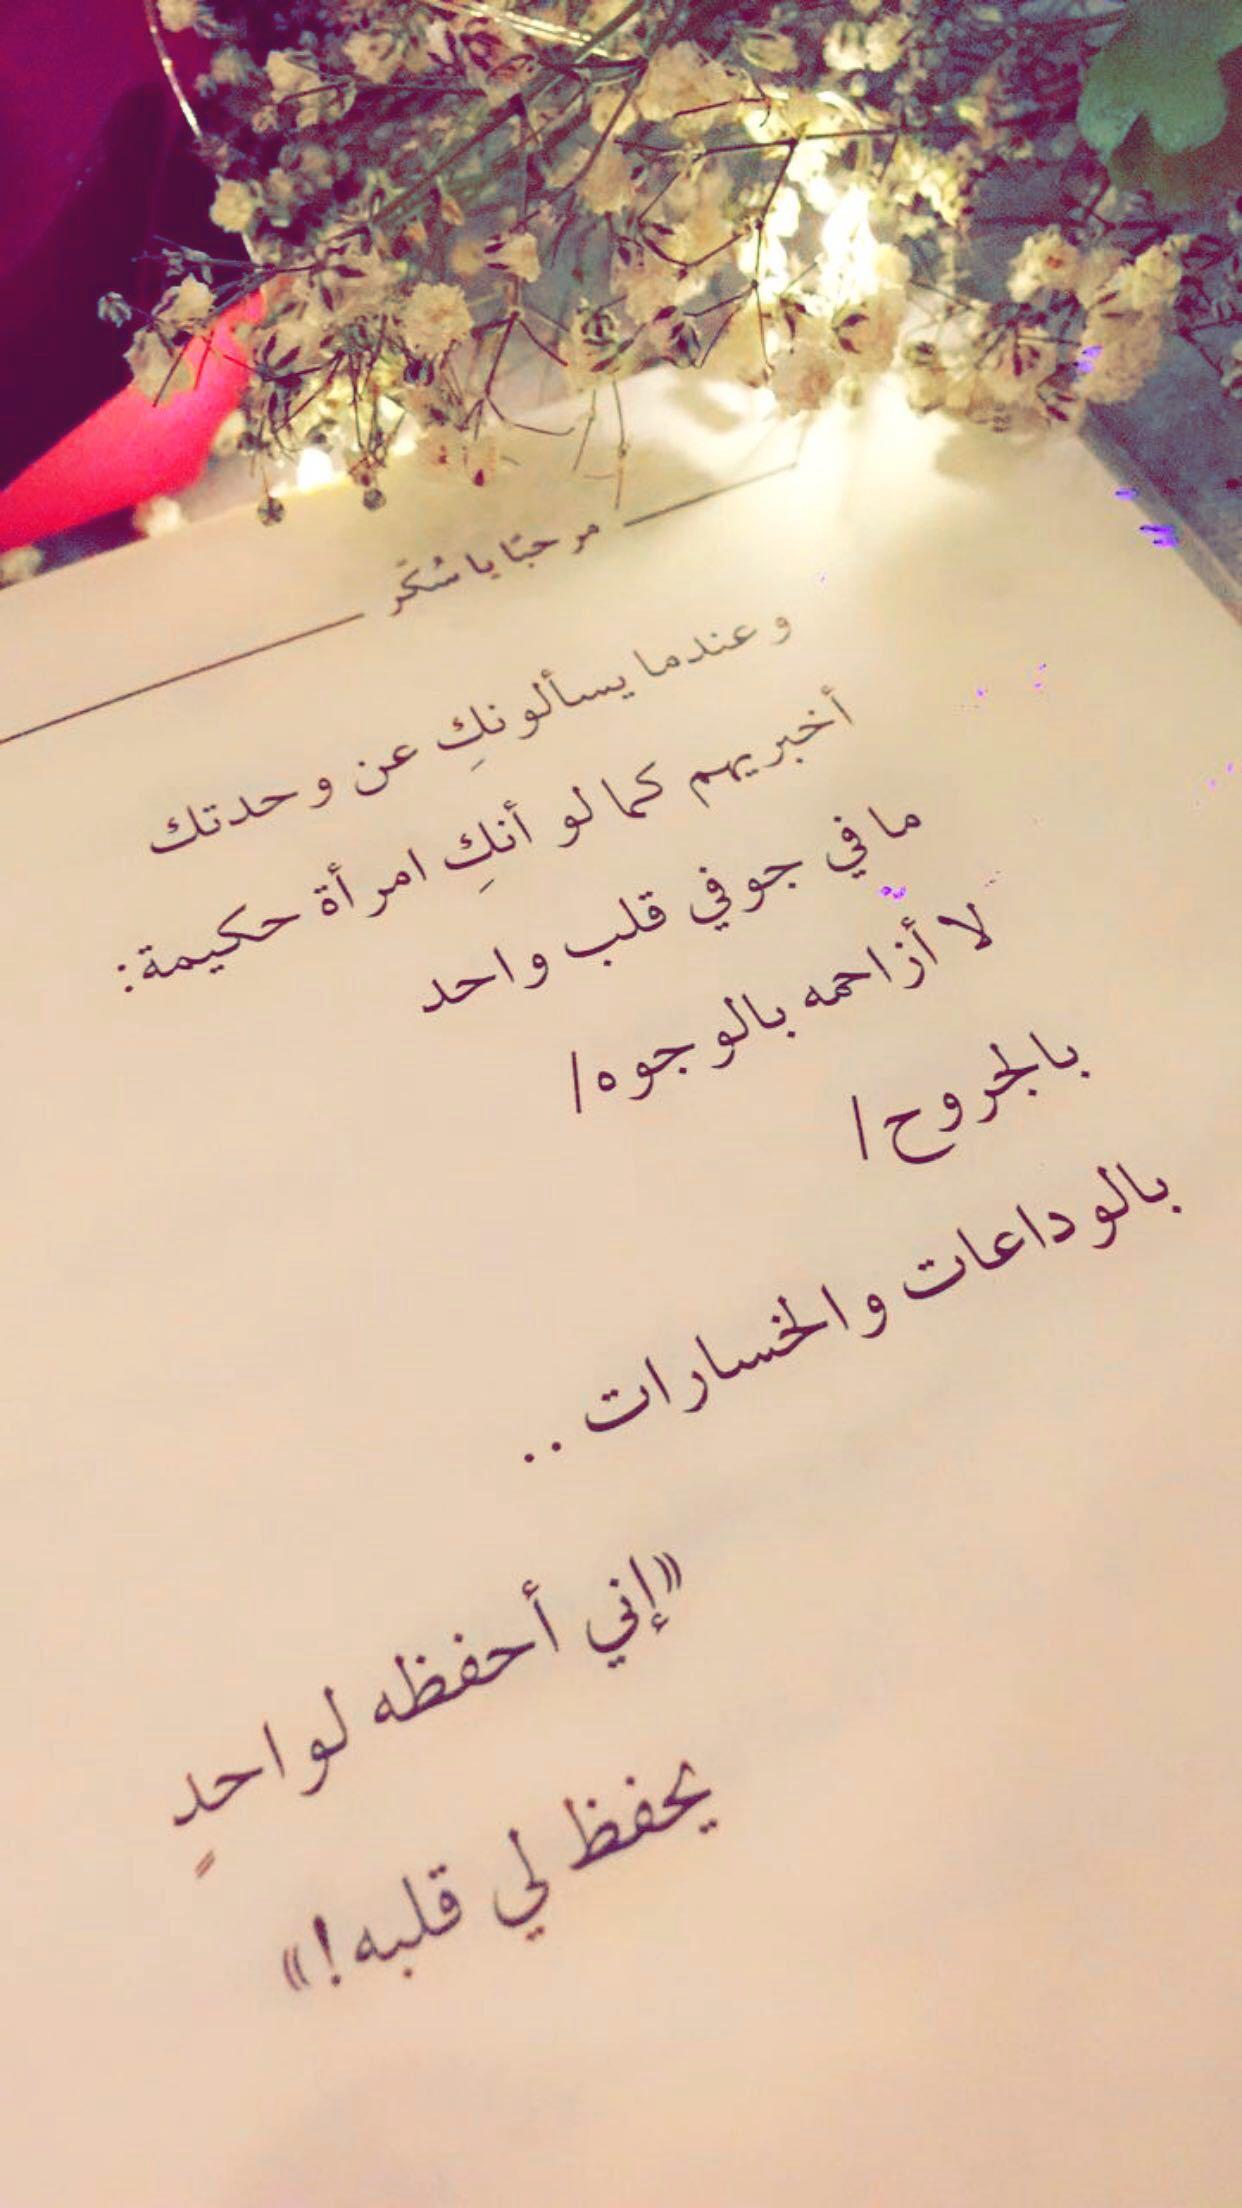 arabiske kærligheds citater Pin by amani.d11 on كتب arabiske kærligheds citater